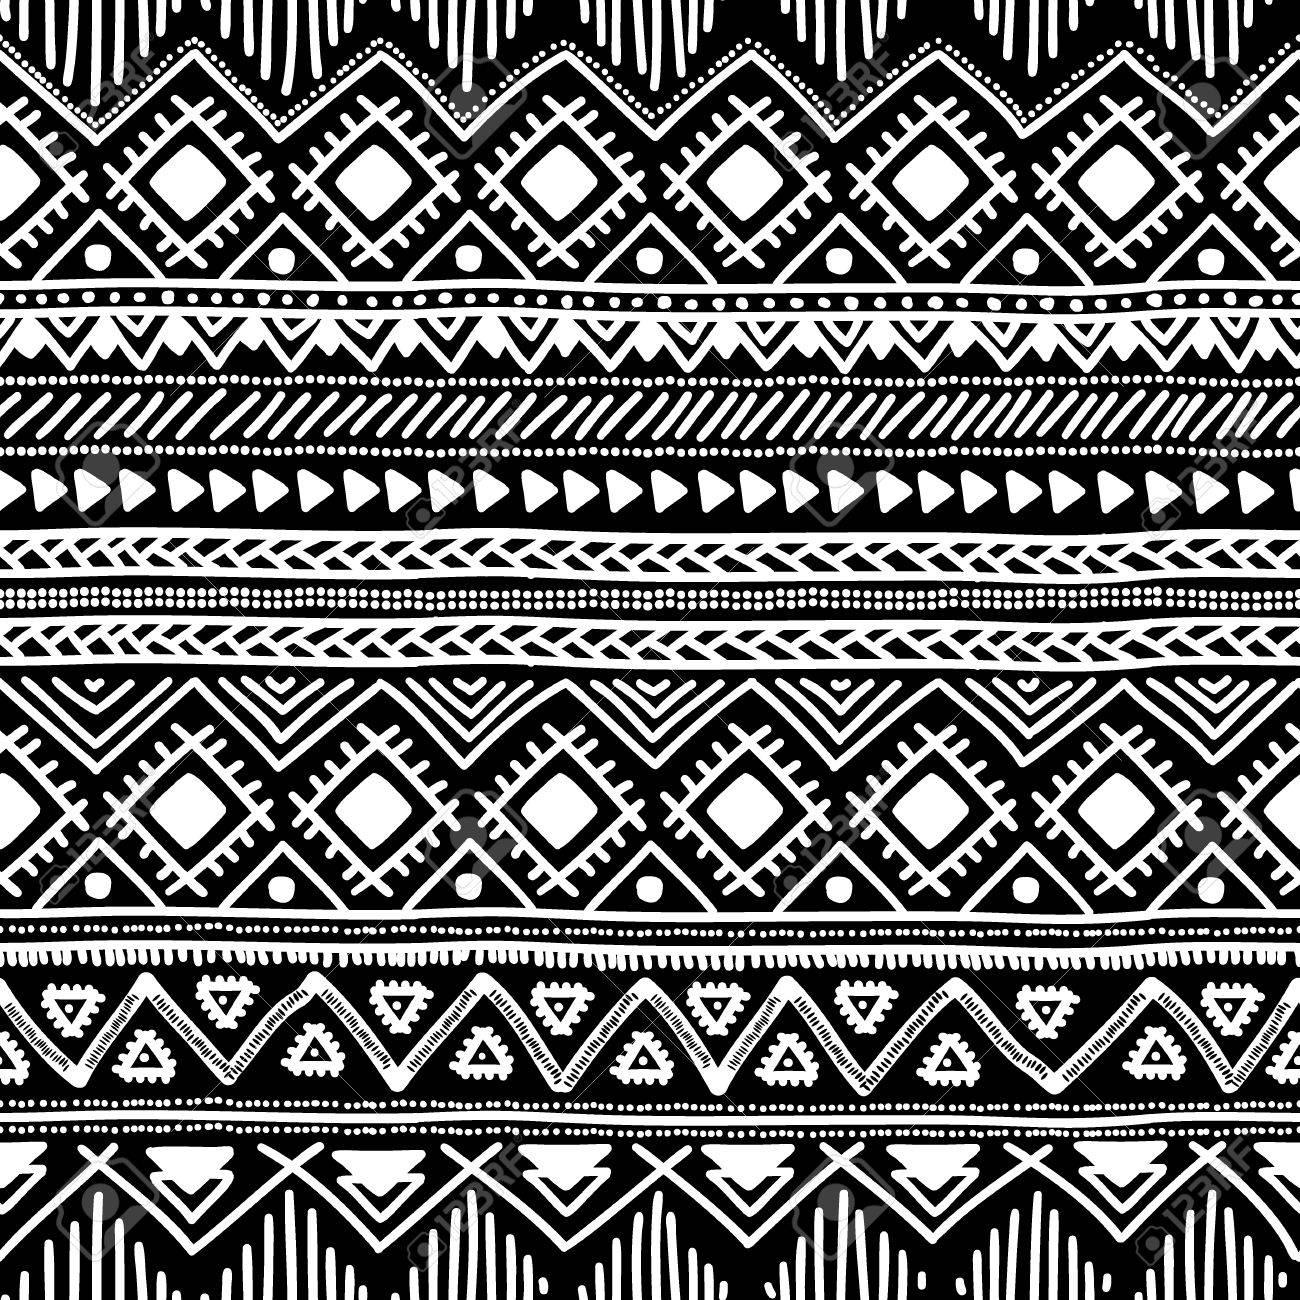 100 Fantastique Conseils Photo Ethnique Noir Et Blanc